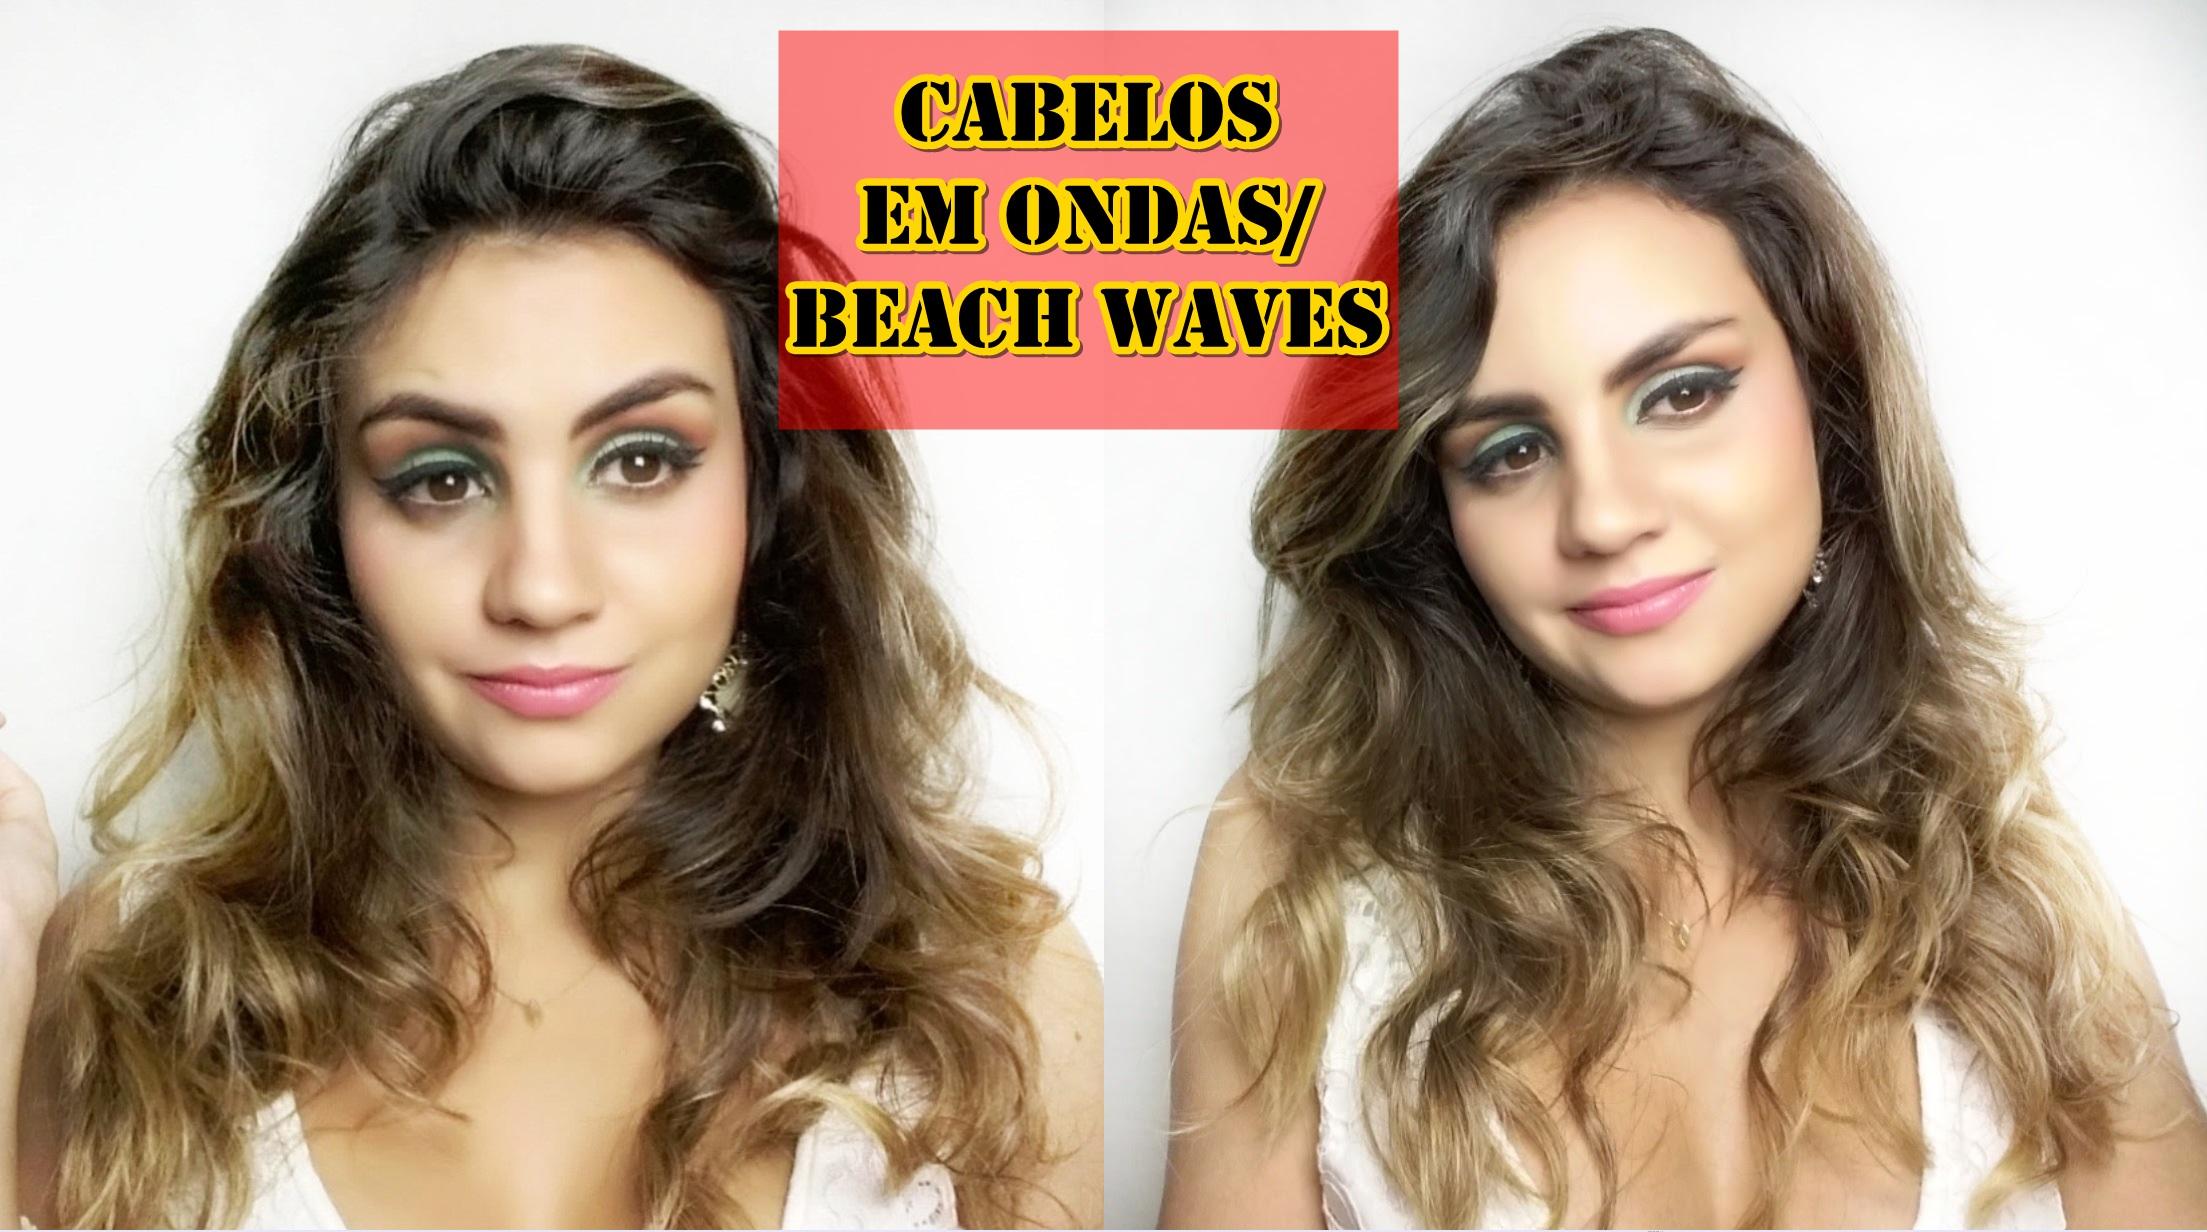 cabelos-em-ondas Vídeo: Cabelos em ondas ou Beach Waves Hair